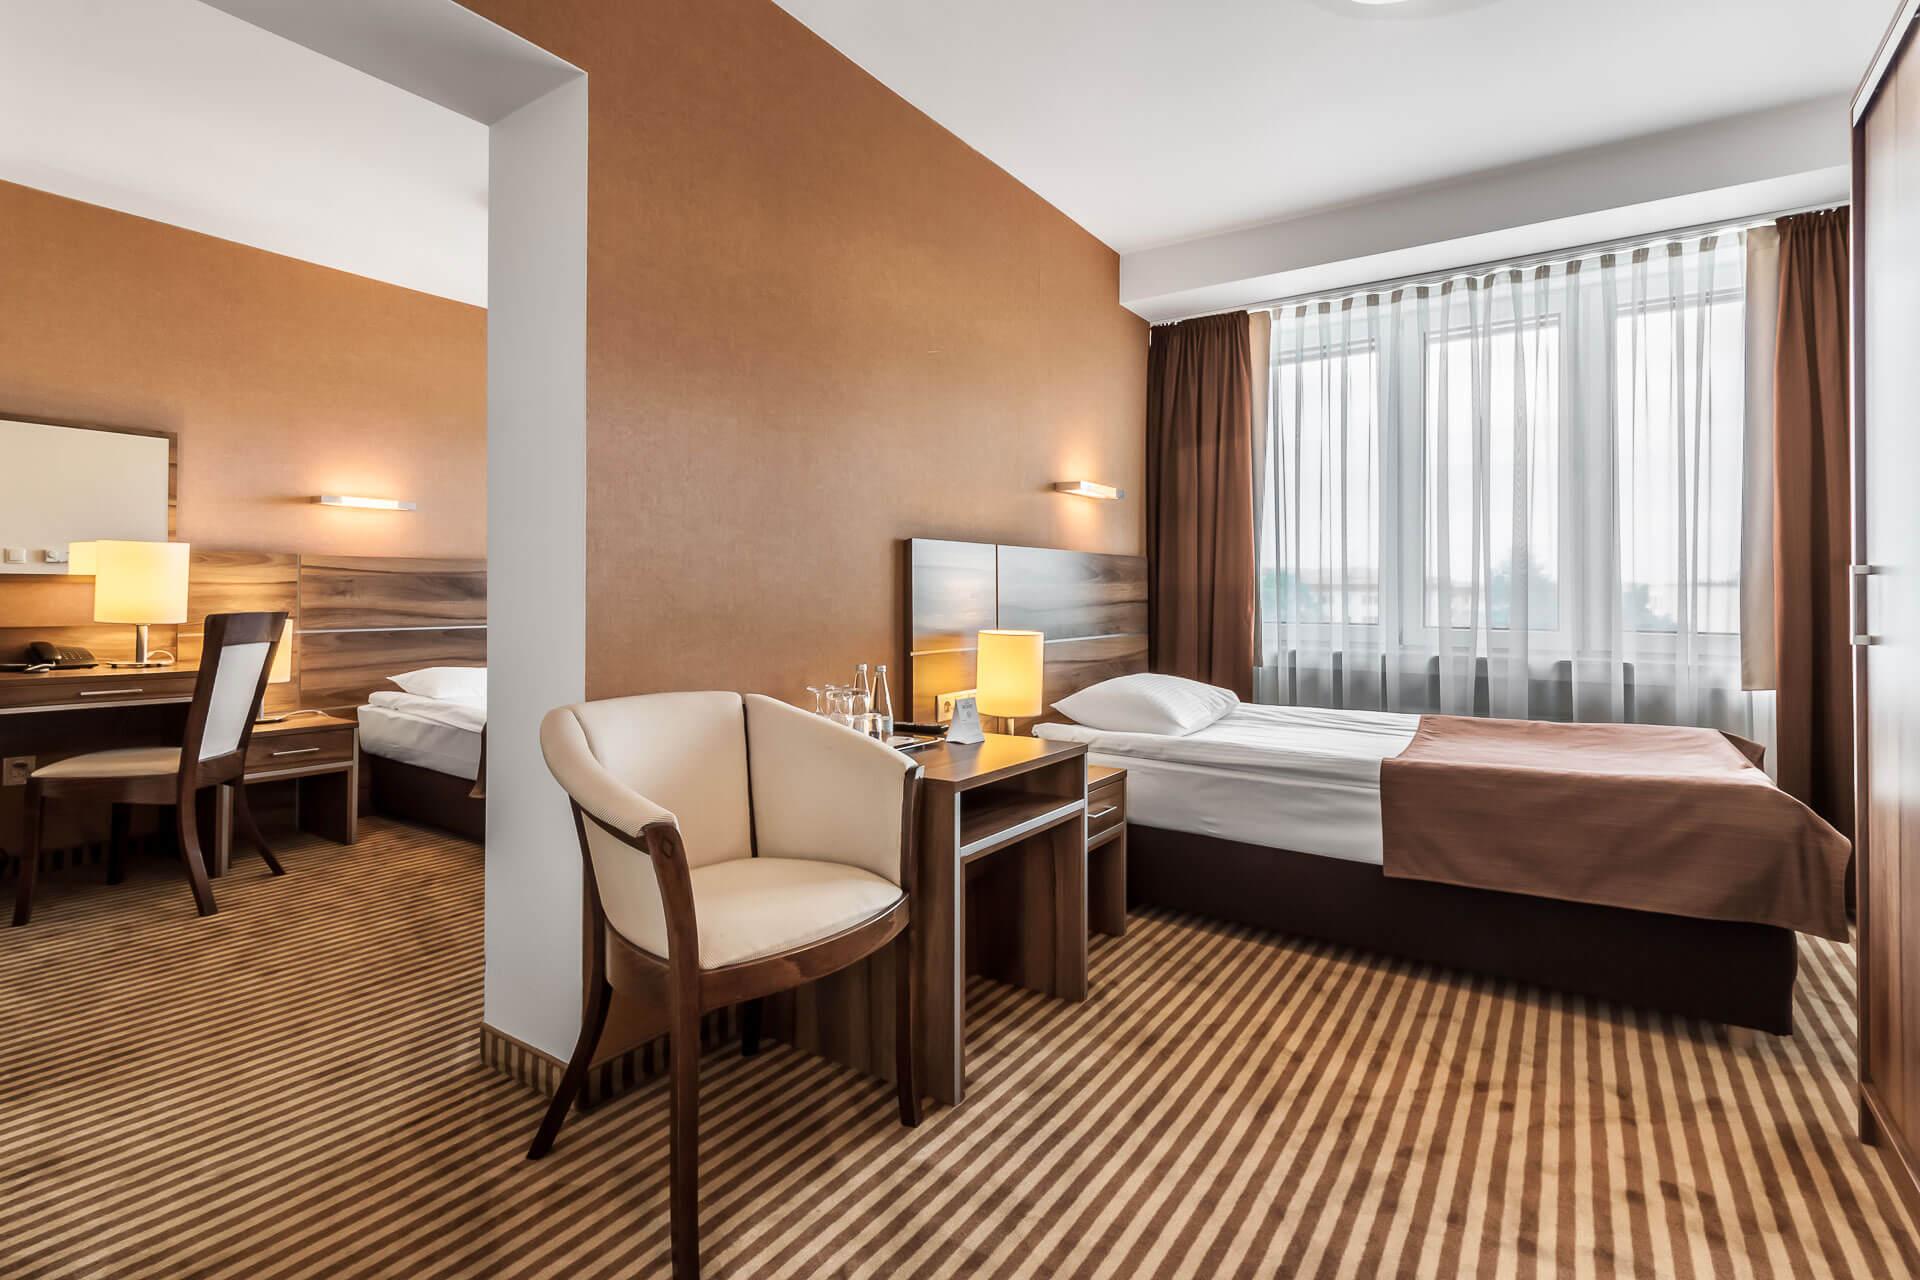 Pokój rodzinny - Hotel Beskid****